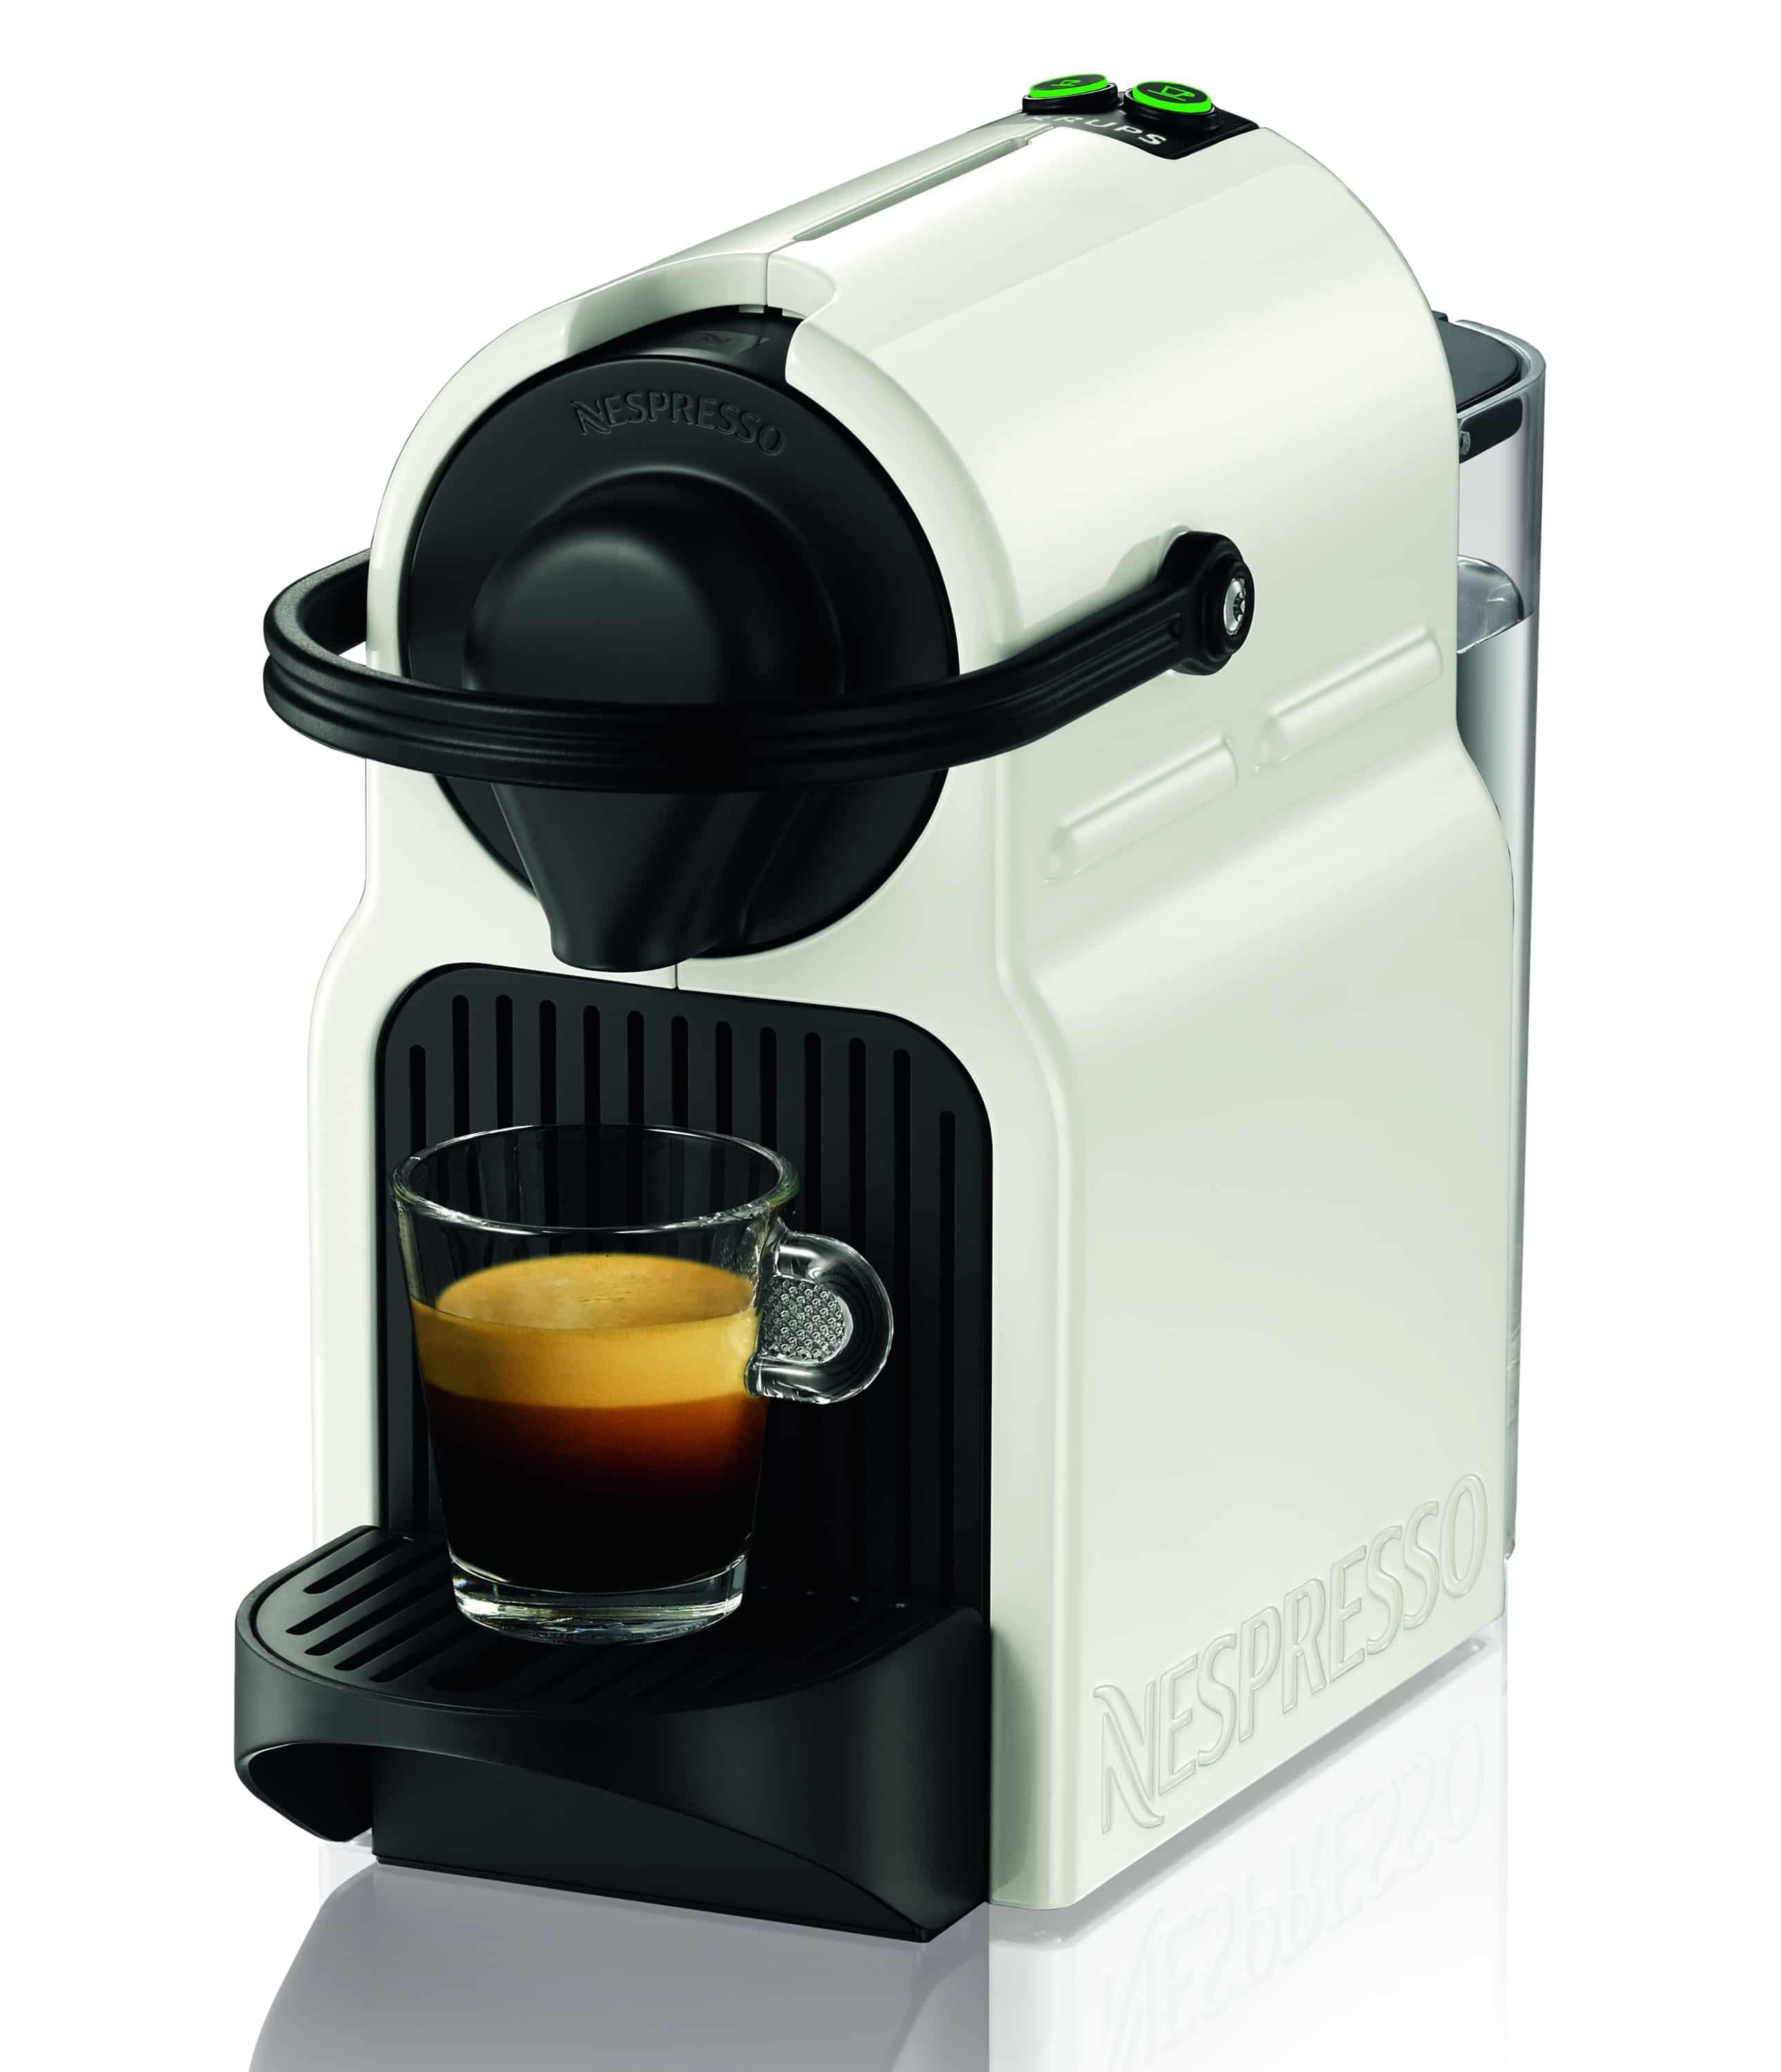 cafetiere nespresso a 10 euros